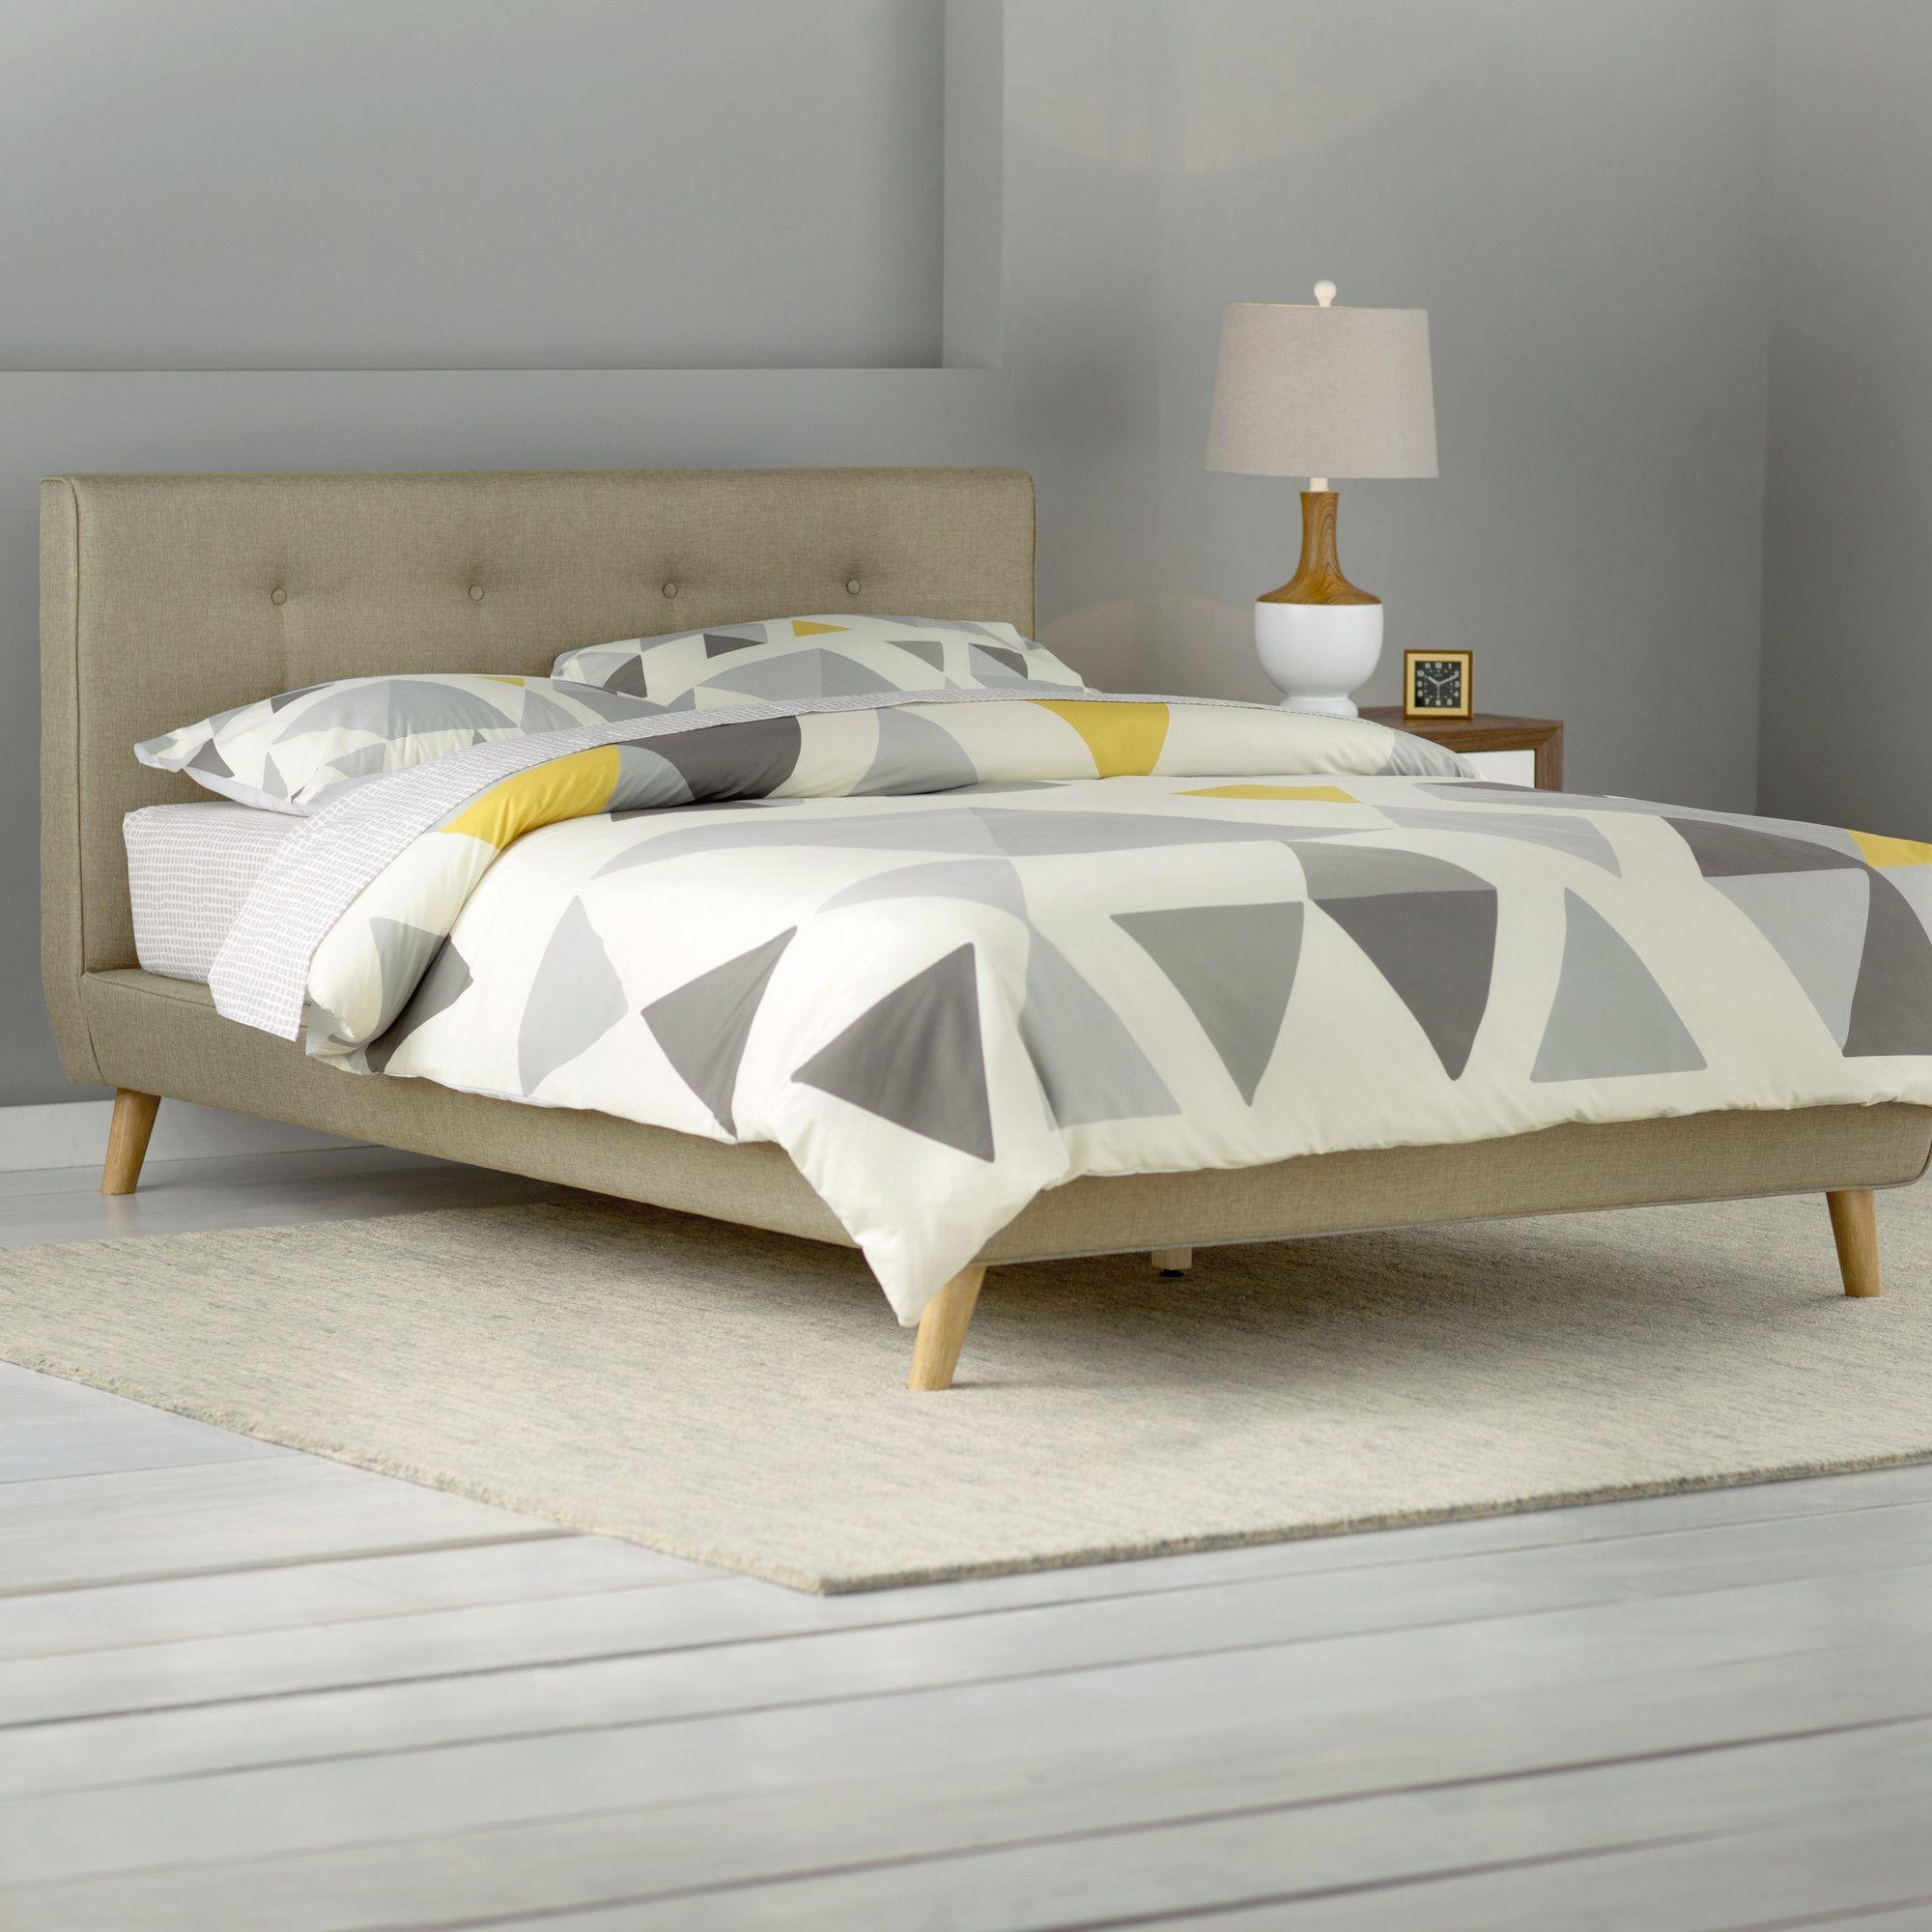 Rasmussen Upholstered Platform Bed | Furniture | Pinterest